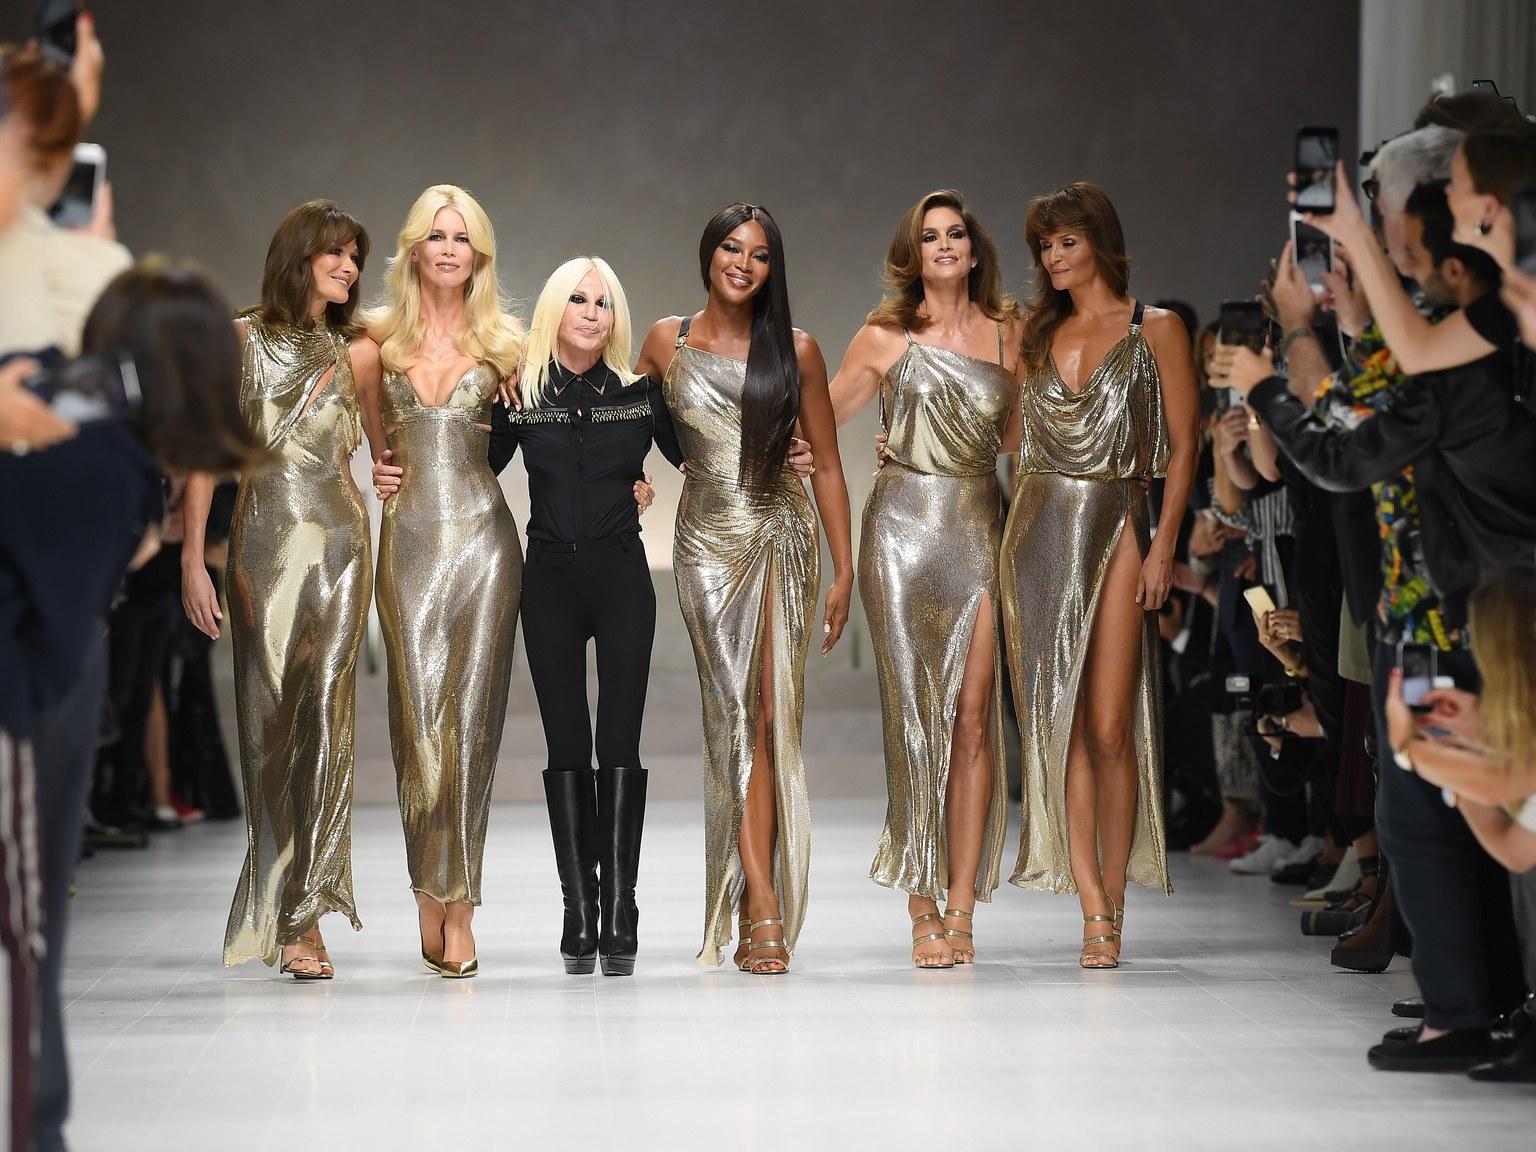 Mẹ của Kaia Gerber, Cindy Crawford (thứ hai từ phải qua), cũng xuất hiện trong show diễn Xuân Hè 2018 của Versace.